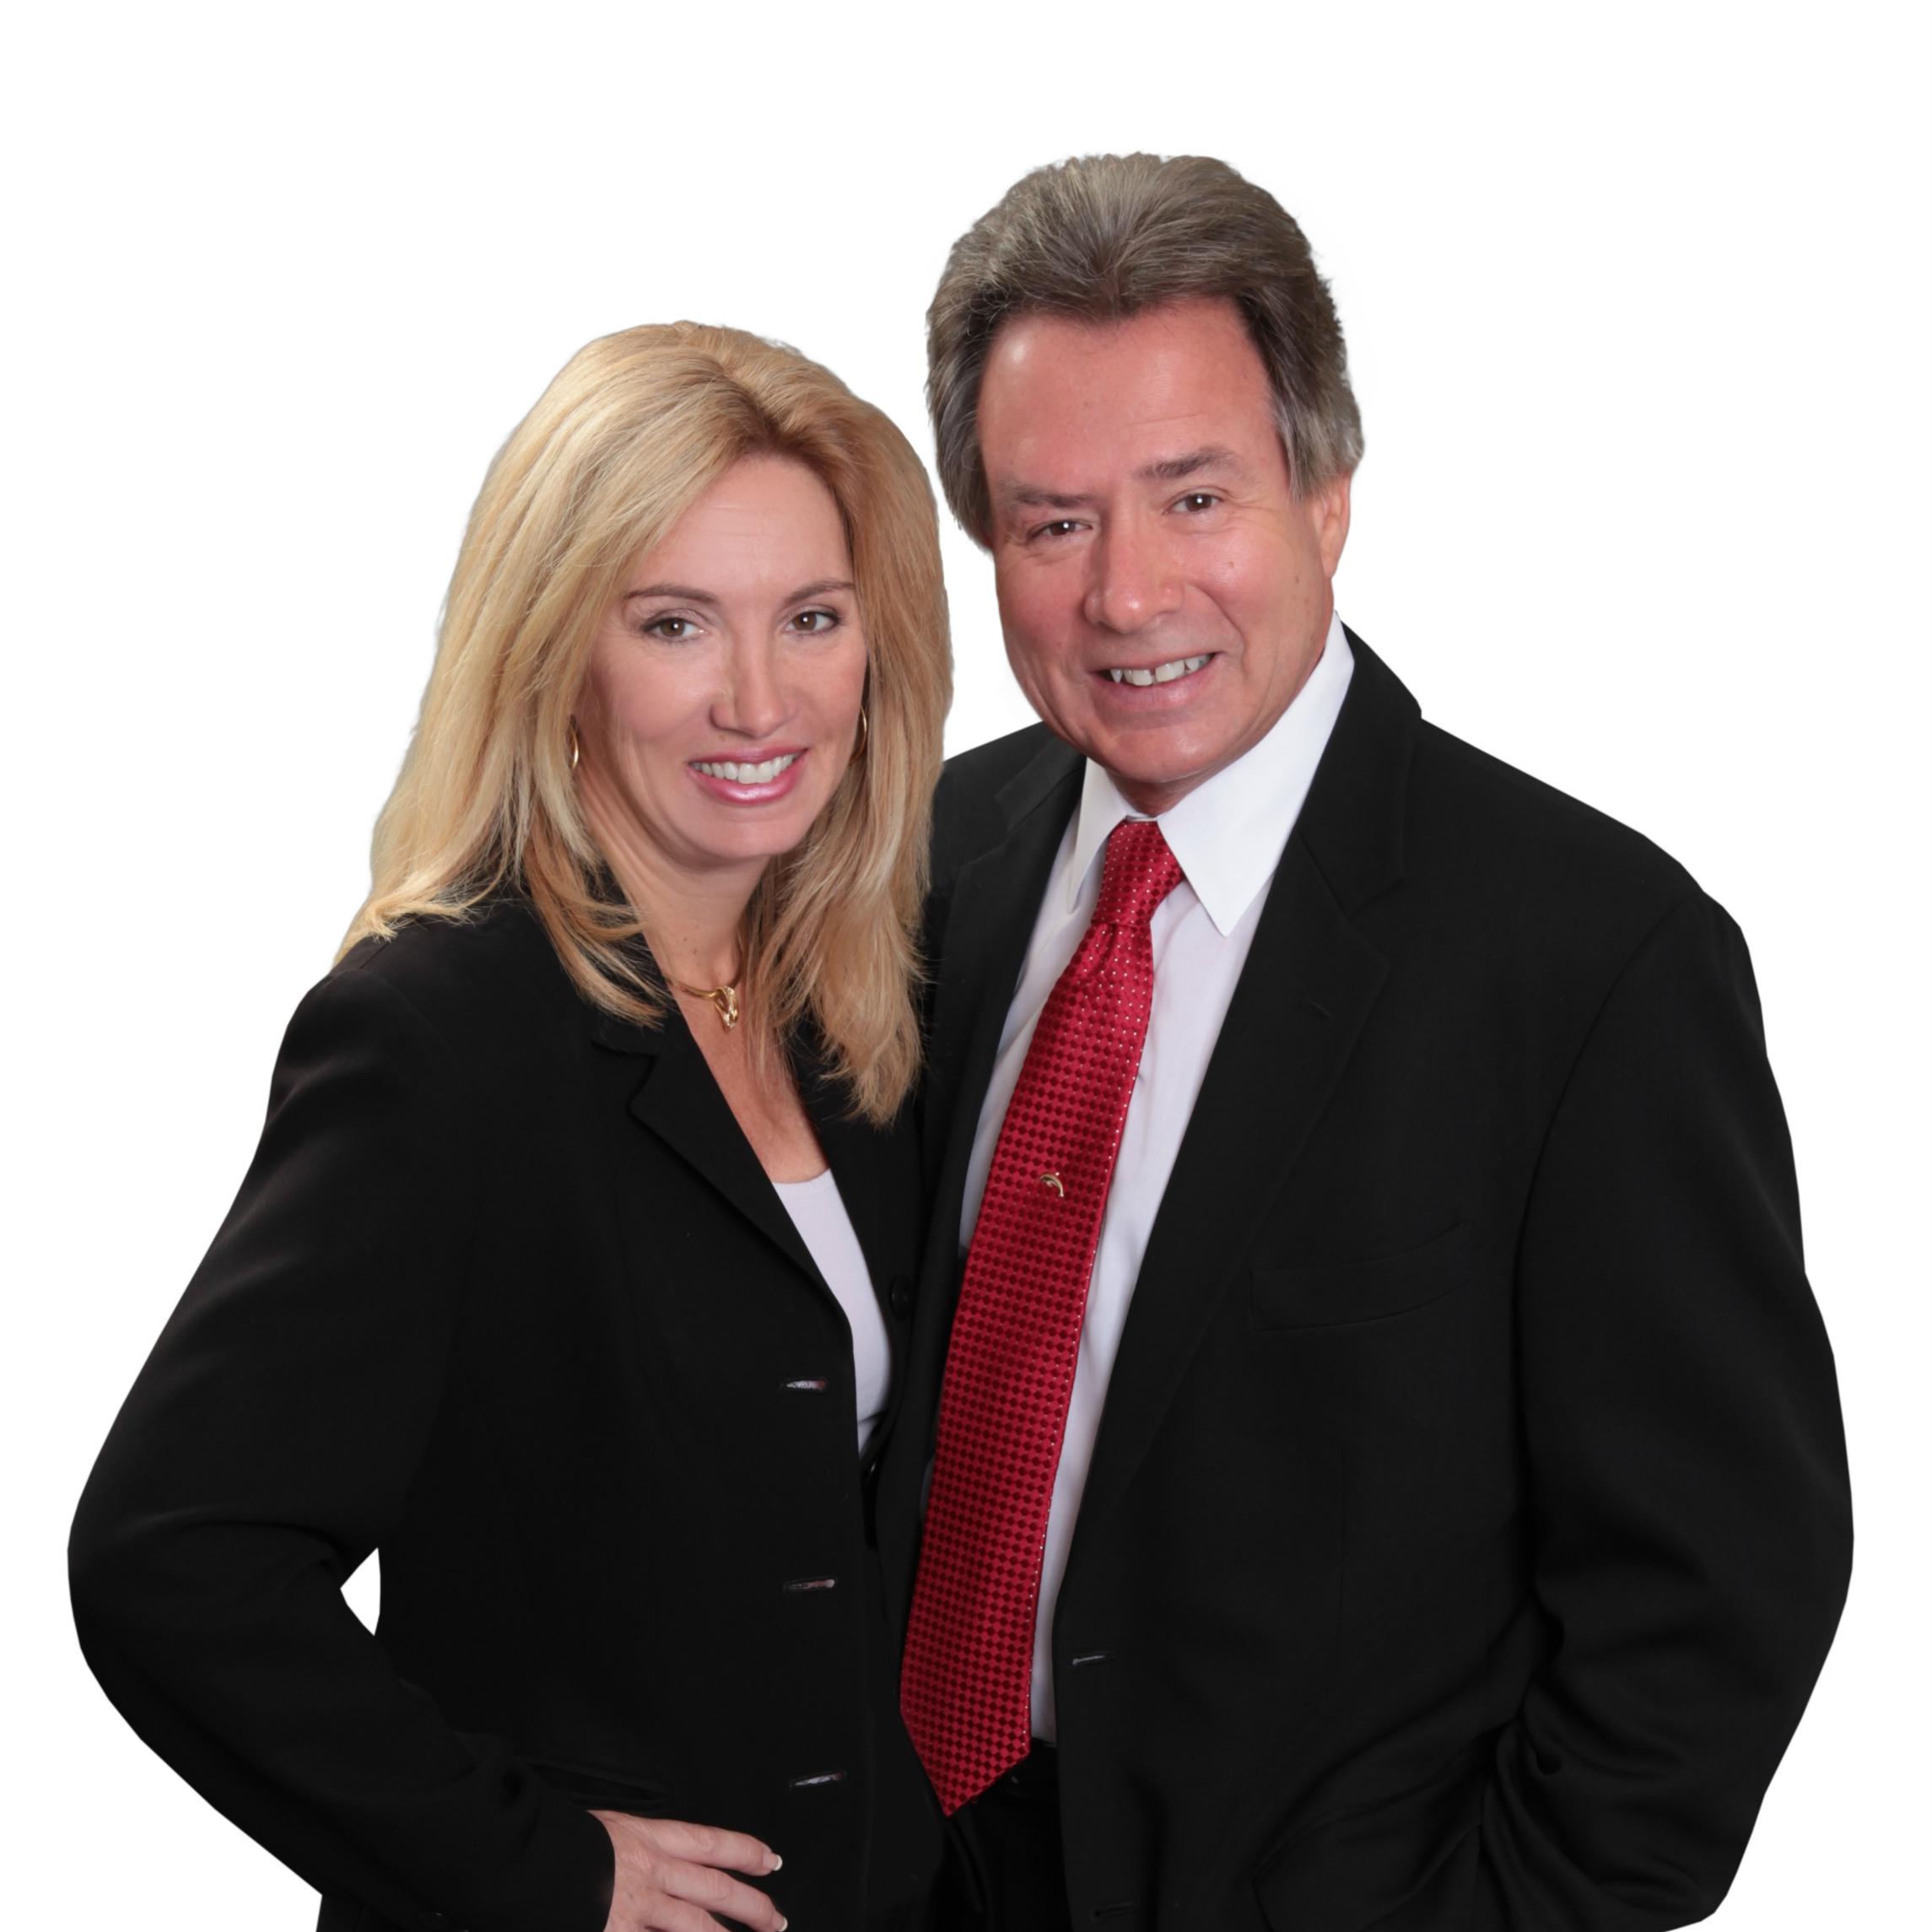 Sarah and John Mamo